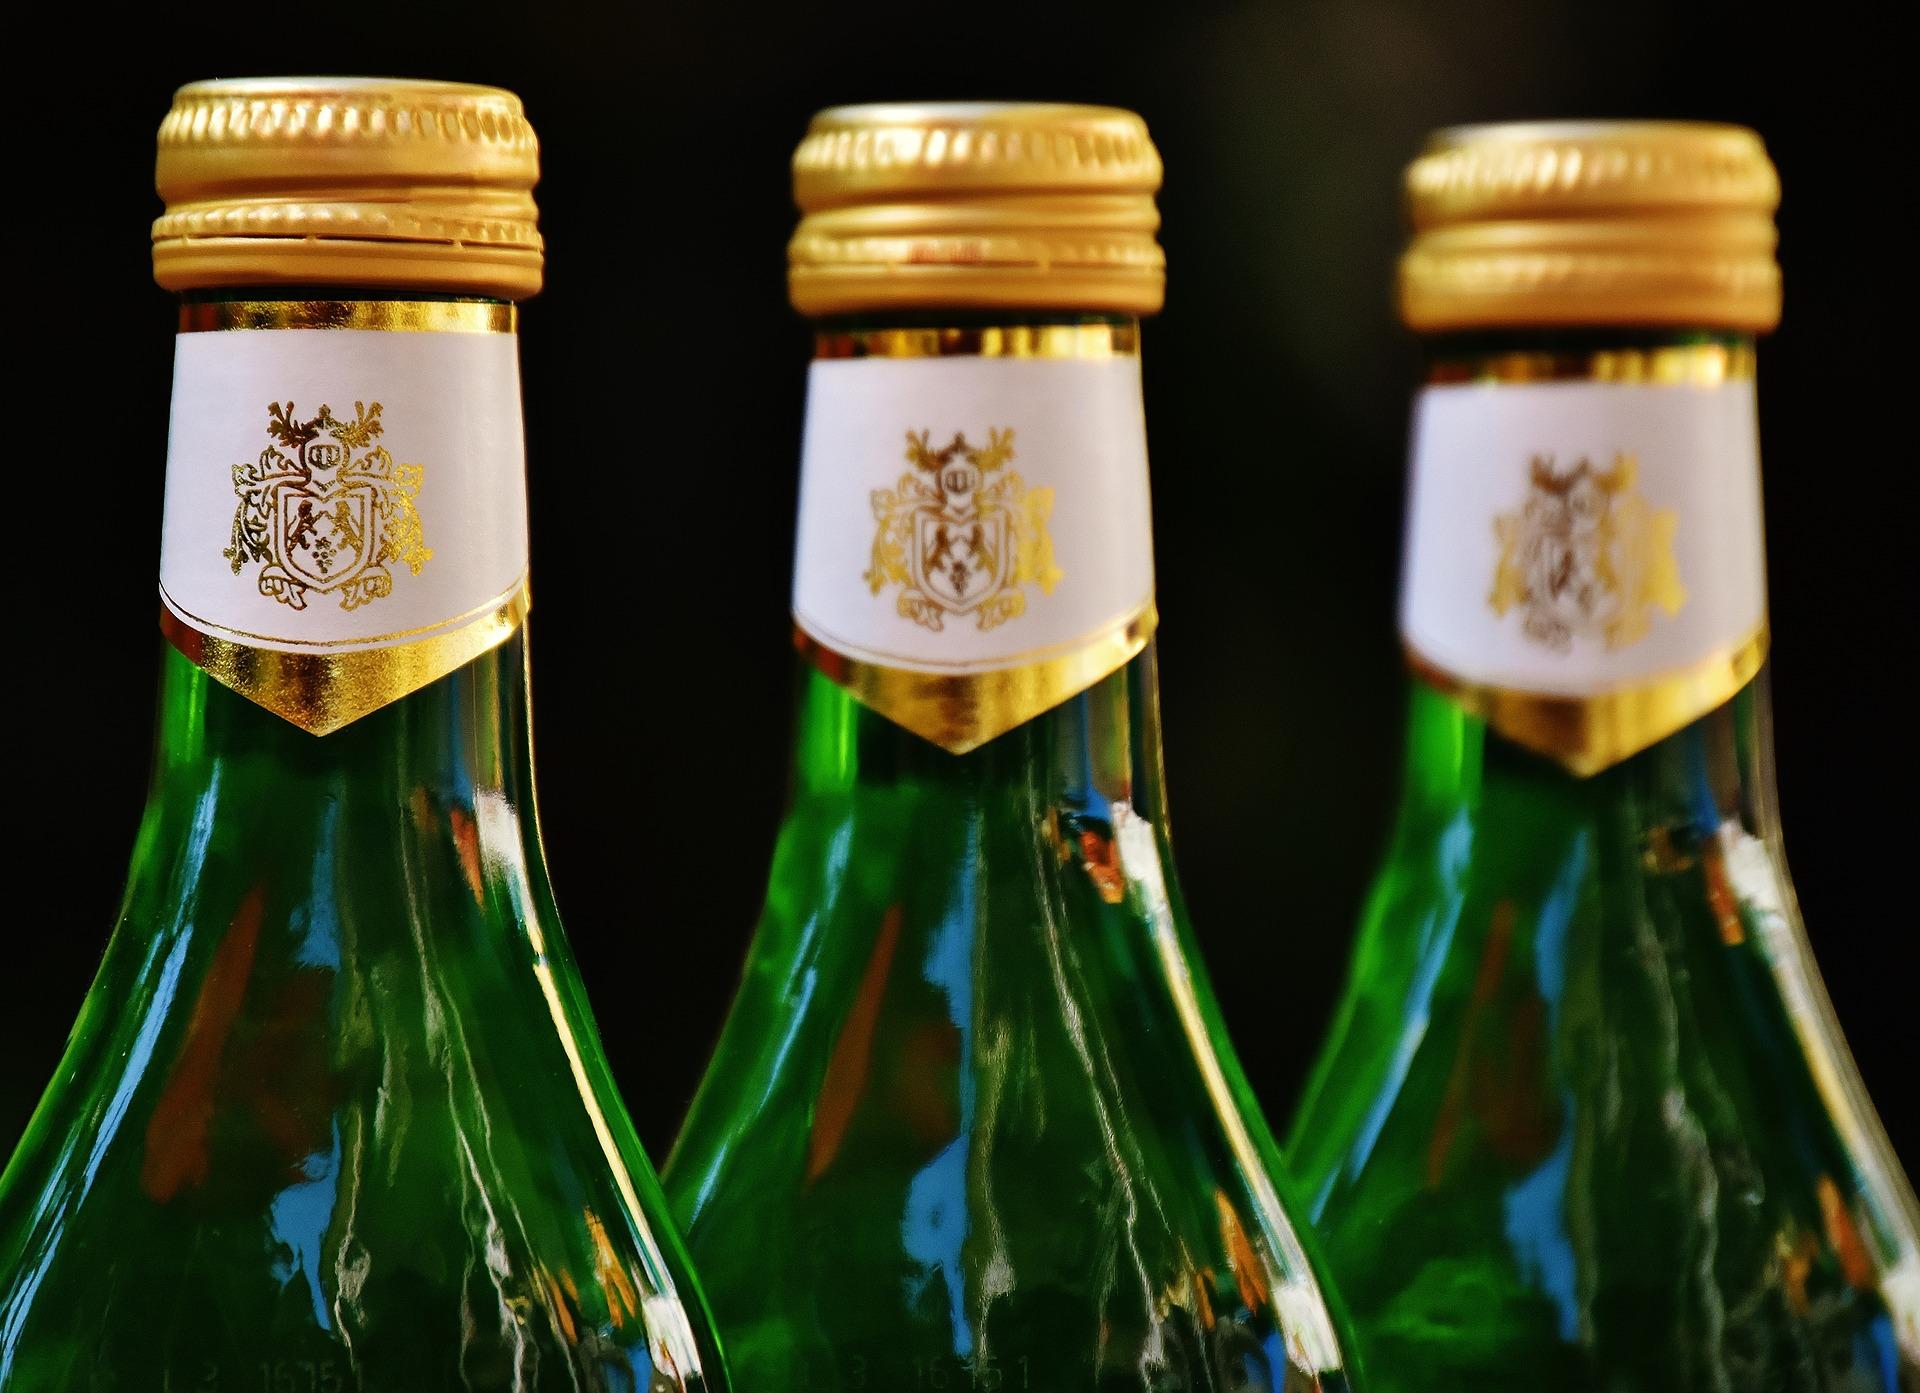 На юго-востоке Москвы изъята крупная партия контрафактного алкоголя